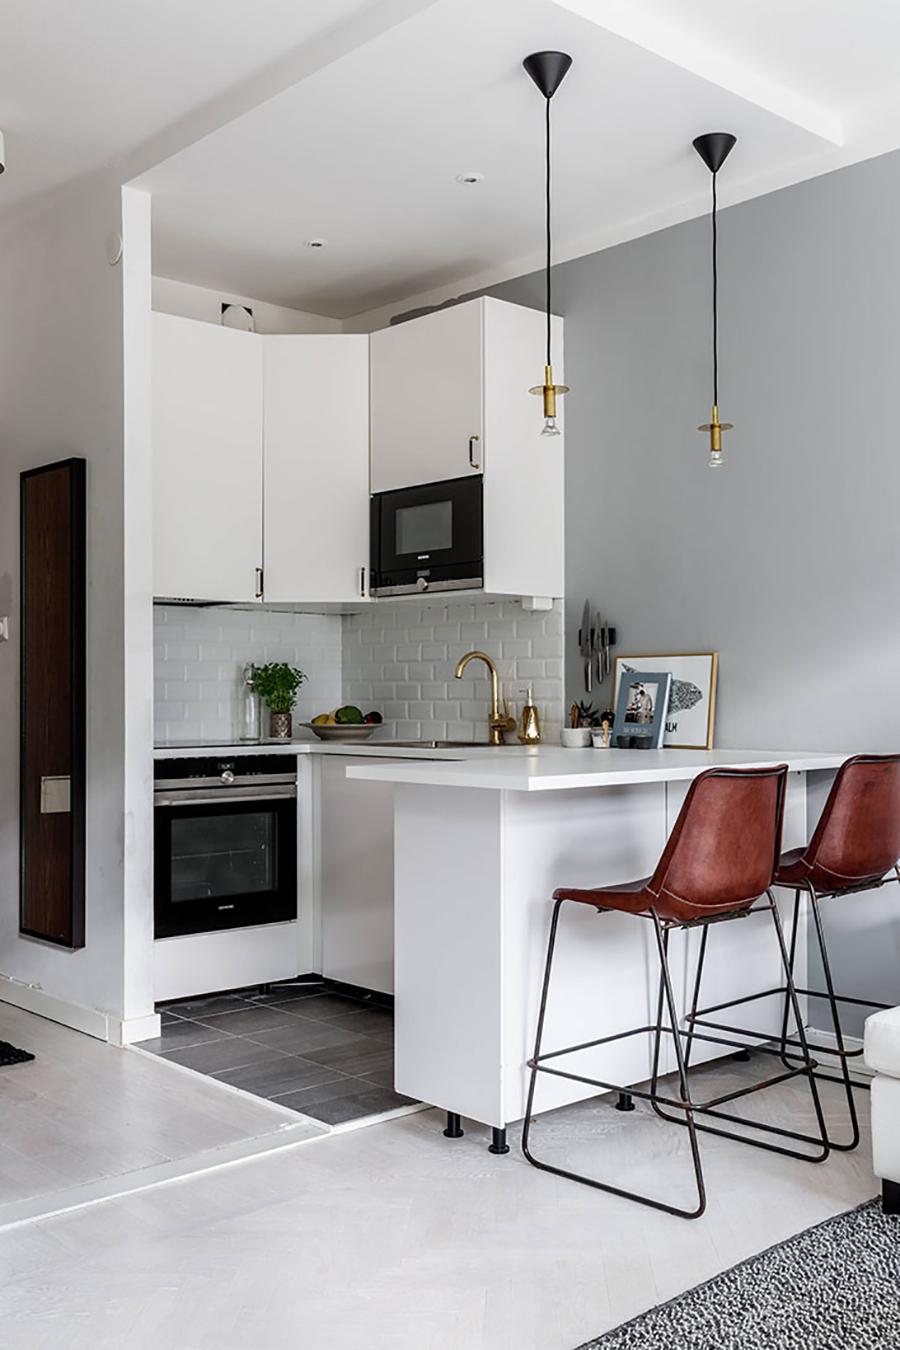 En una cocina abierta se genera más corriente de aire, lo que ayuda a que se mantenga mejor ventilada. Incluso si no tiene ventanas.